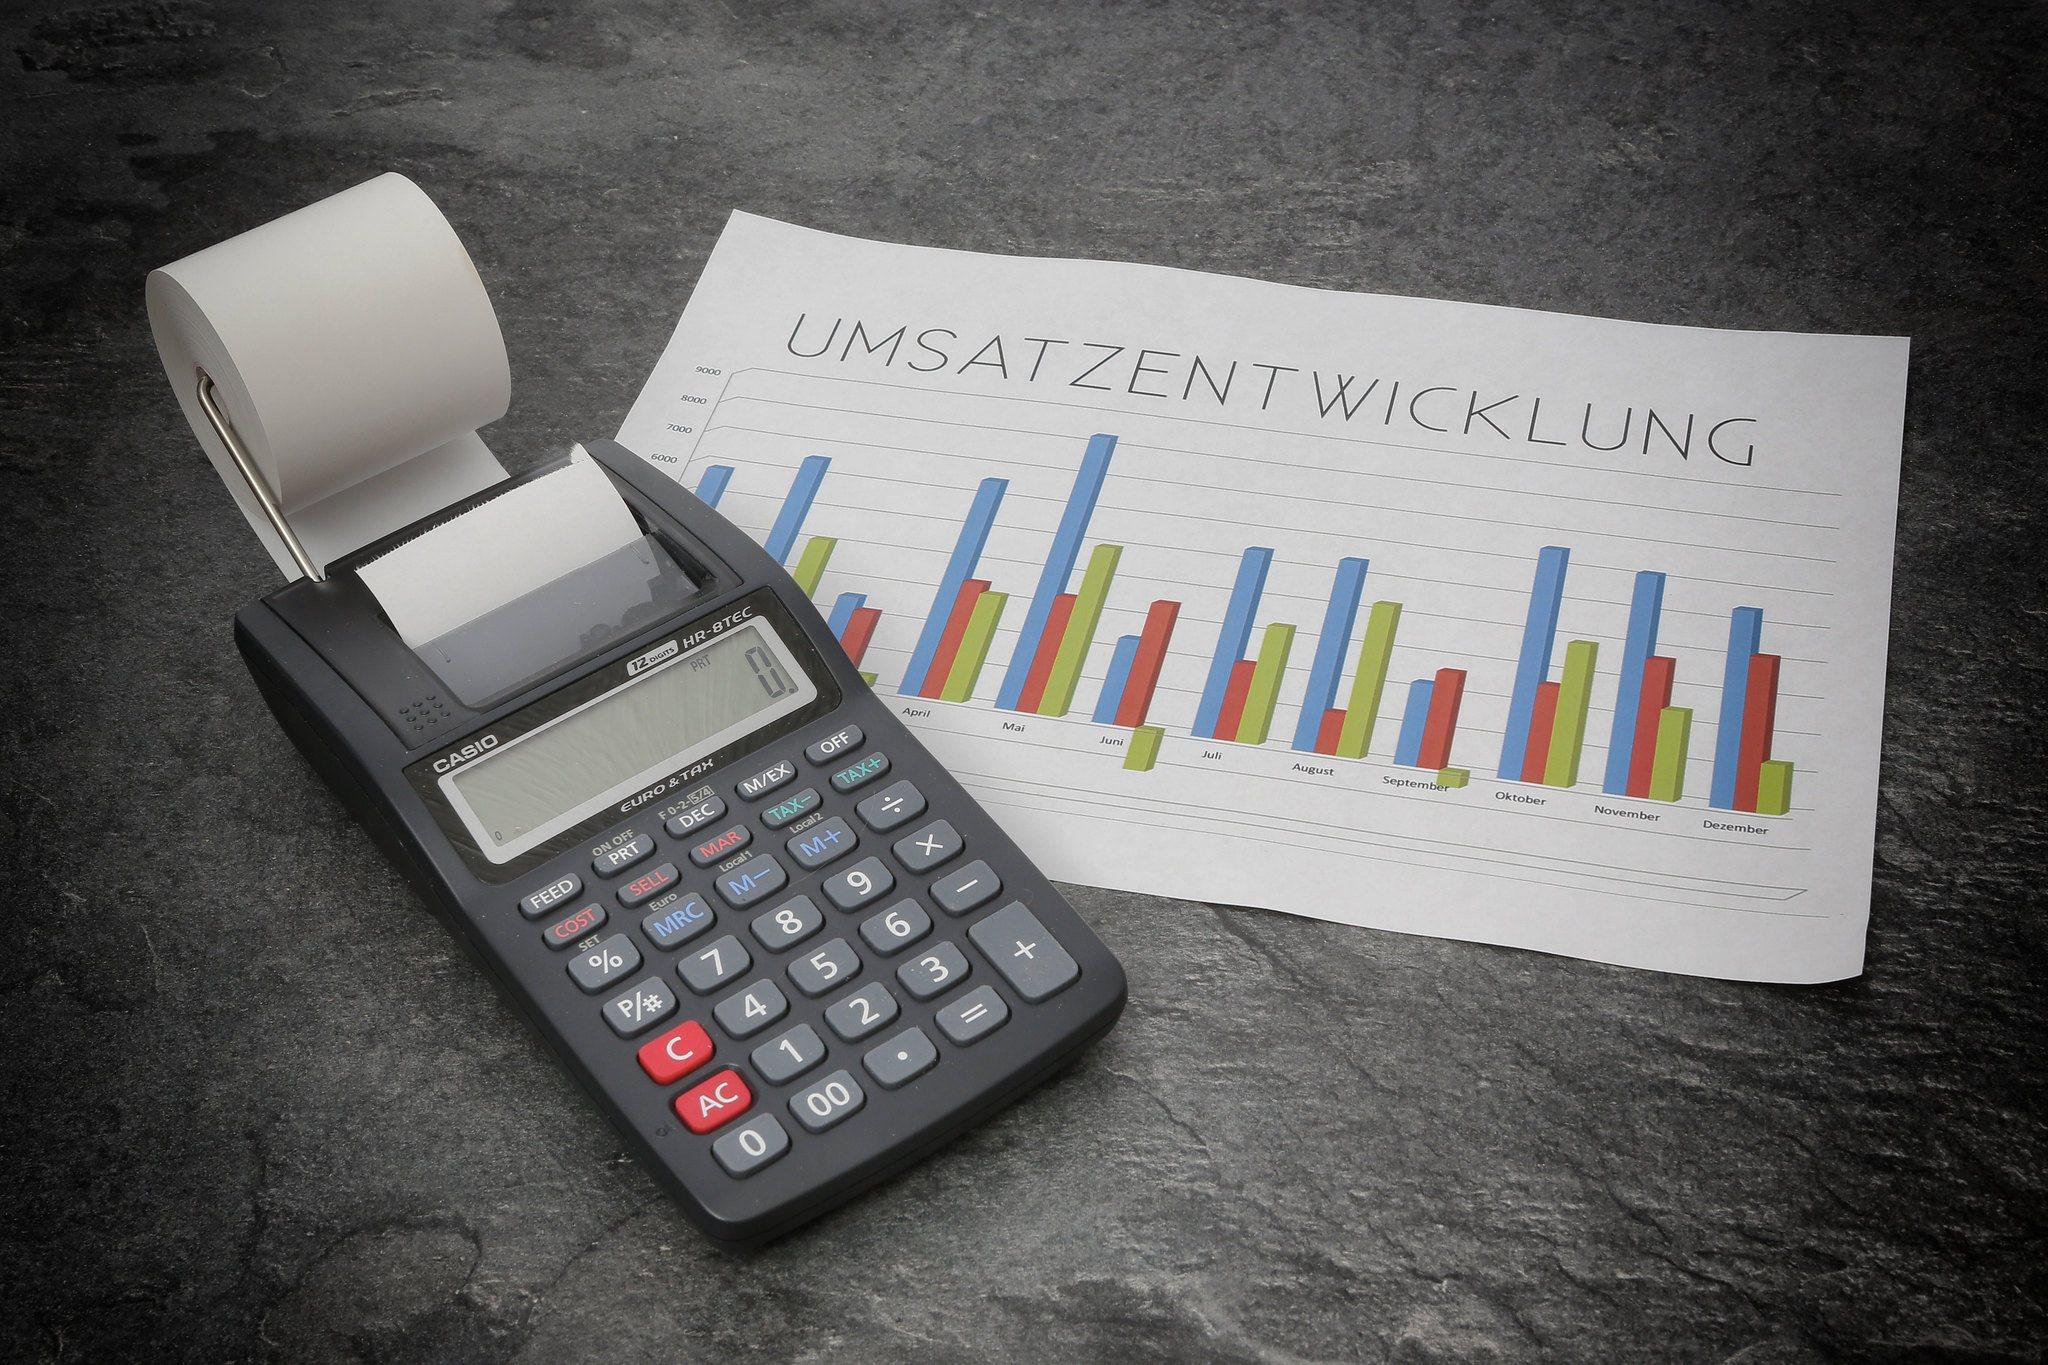 Taschenrechner, Tabelle, Umsatzzahlen, Umsatzentwicklung